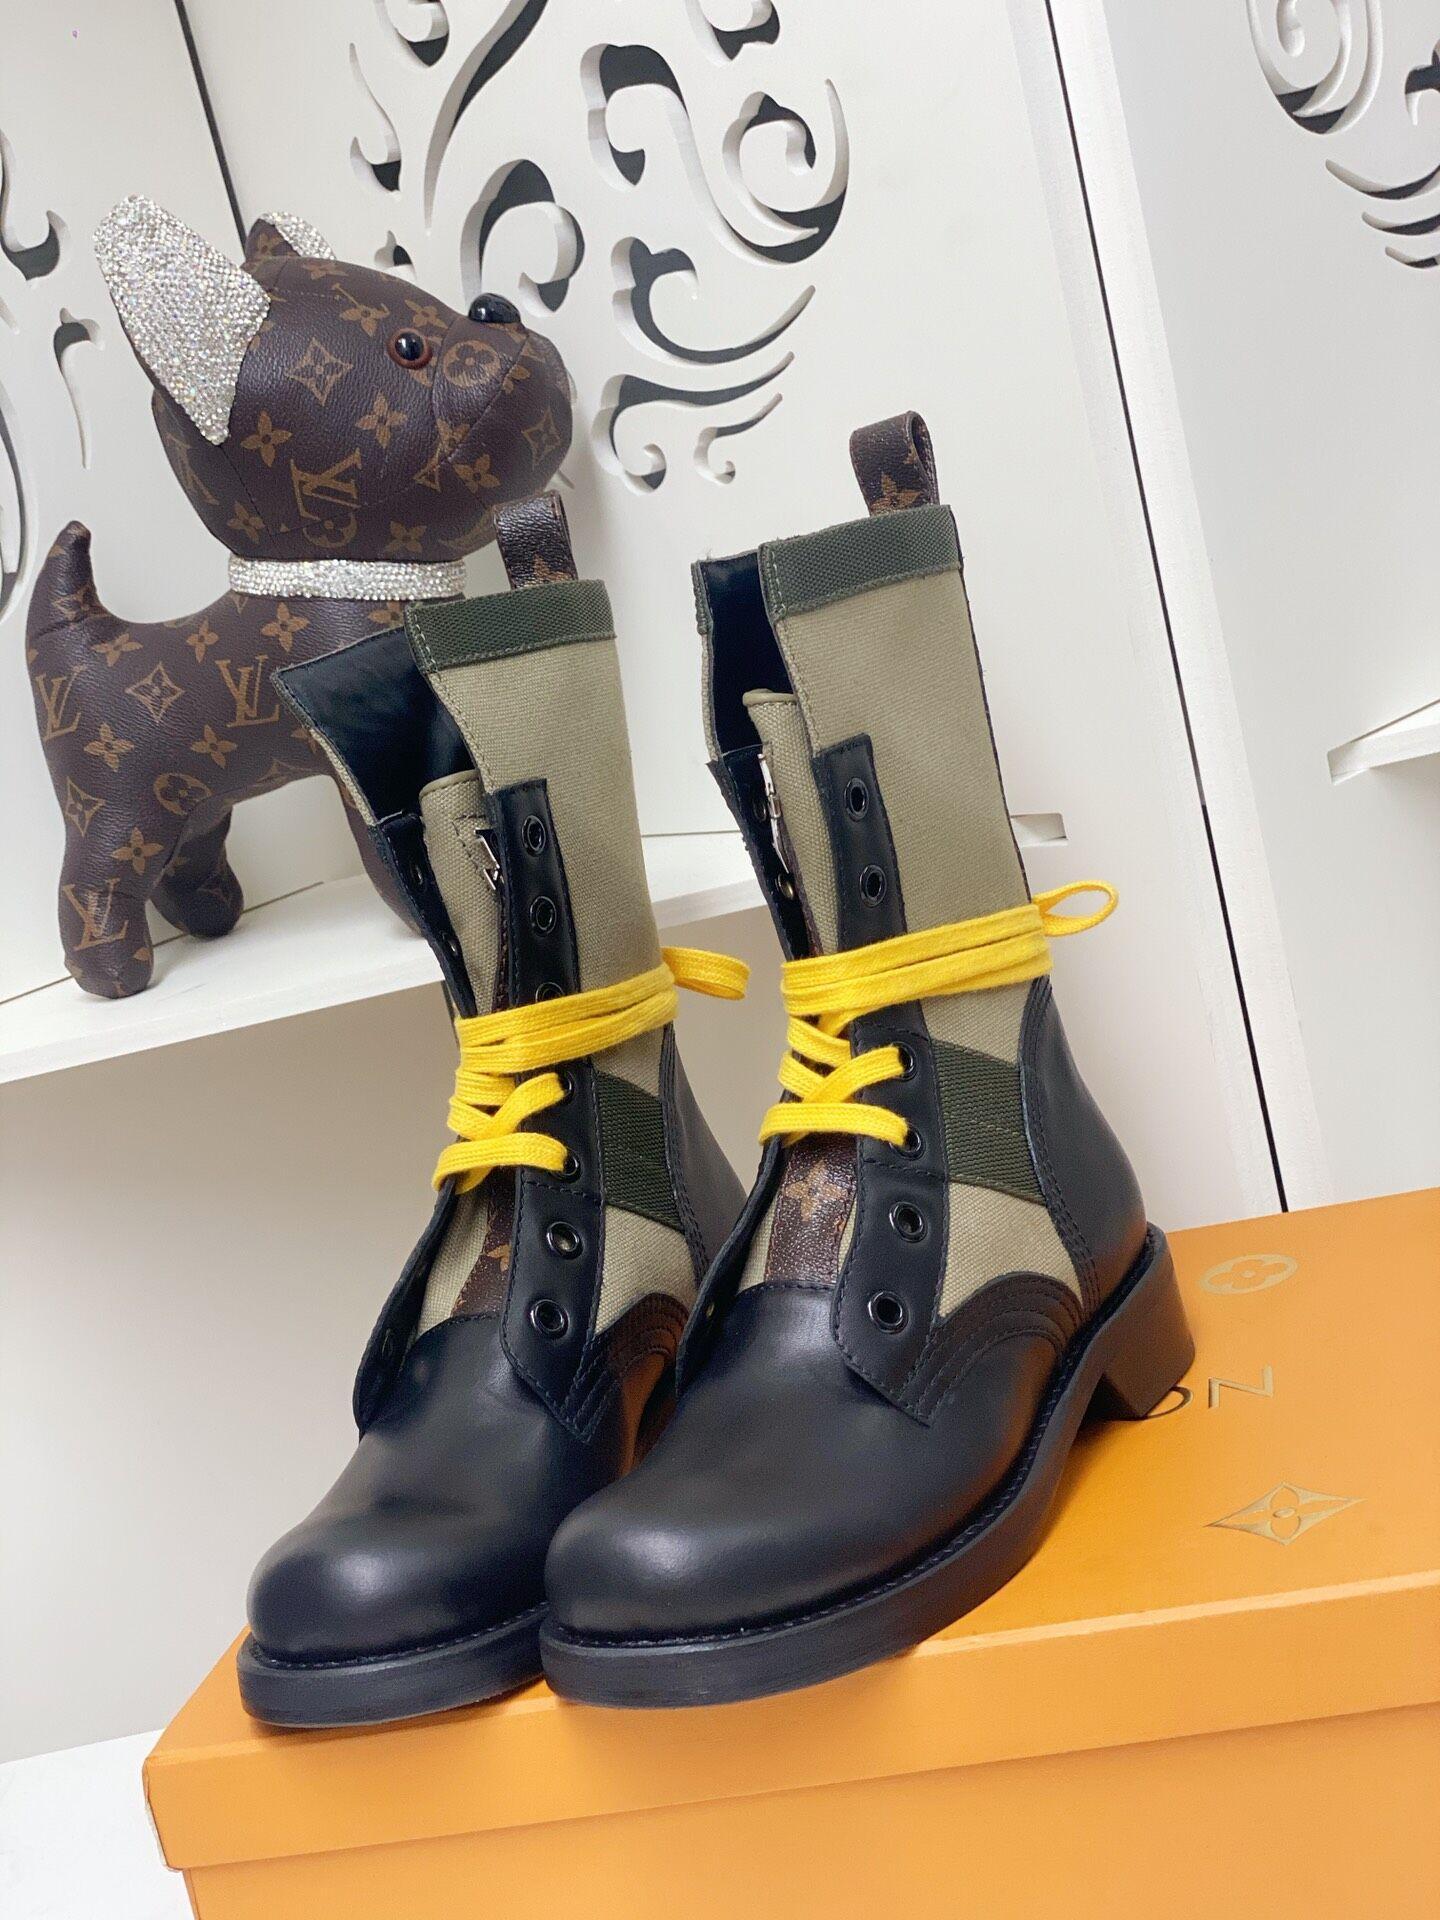 metropolis flat ranger Khaki 1A679B    boot    lady shoes    women boot  9